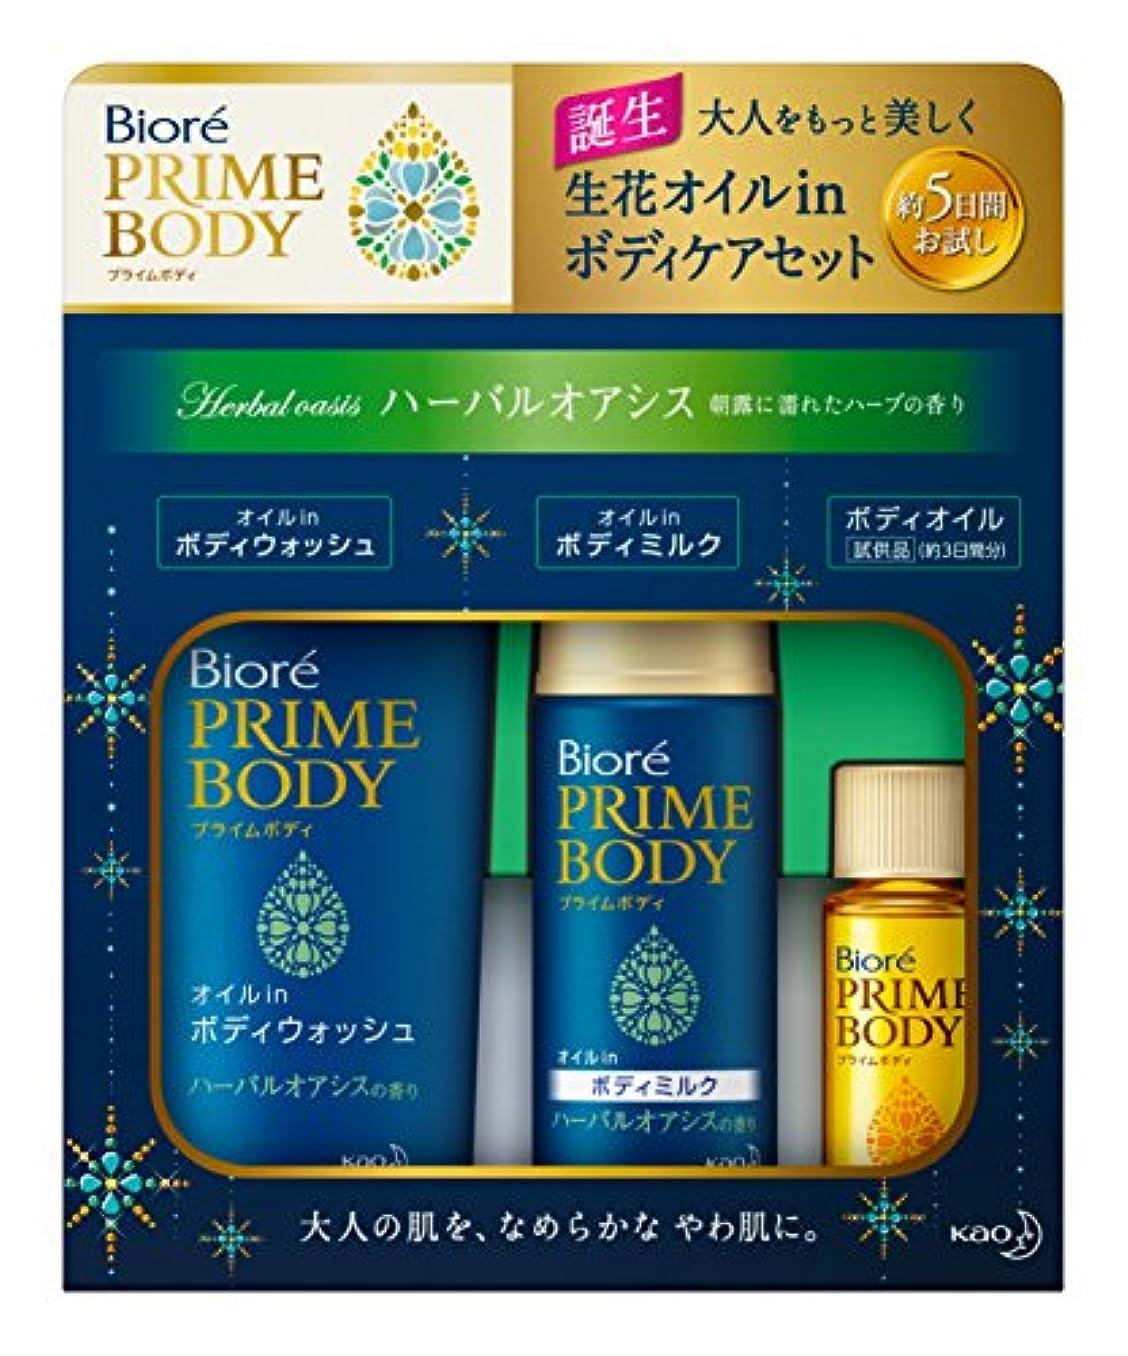 繁栄トランジスタ国歌ビオレ プライムボディ 5日間お試しセット ハーバルオアシスの香り 83ml